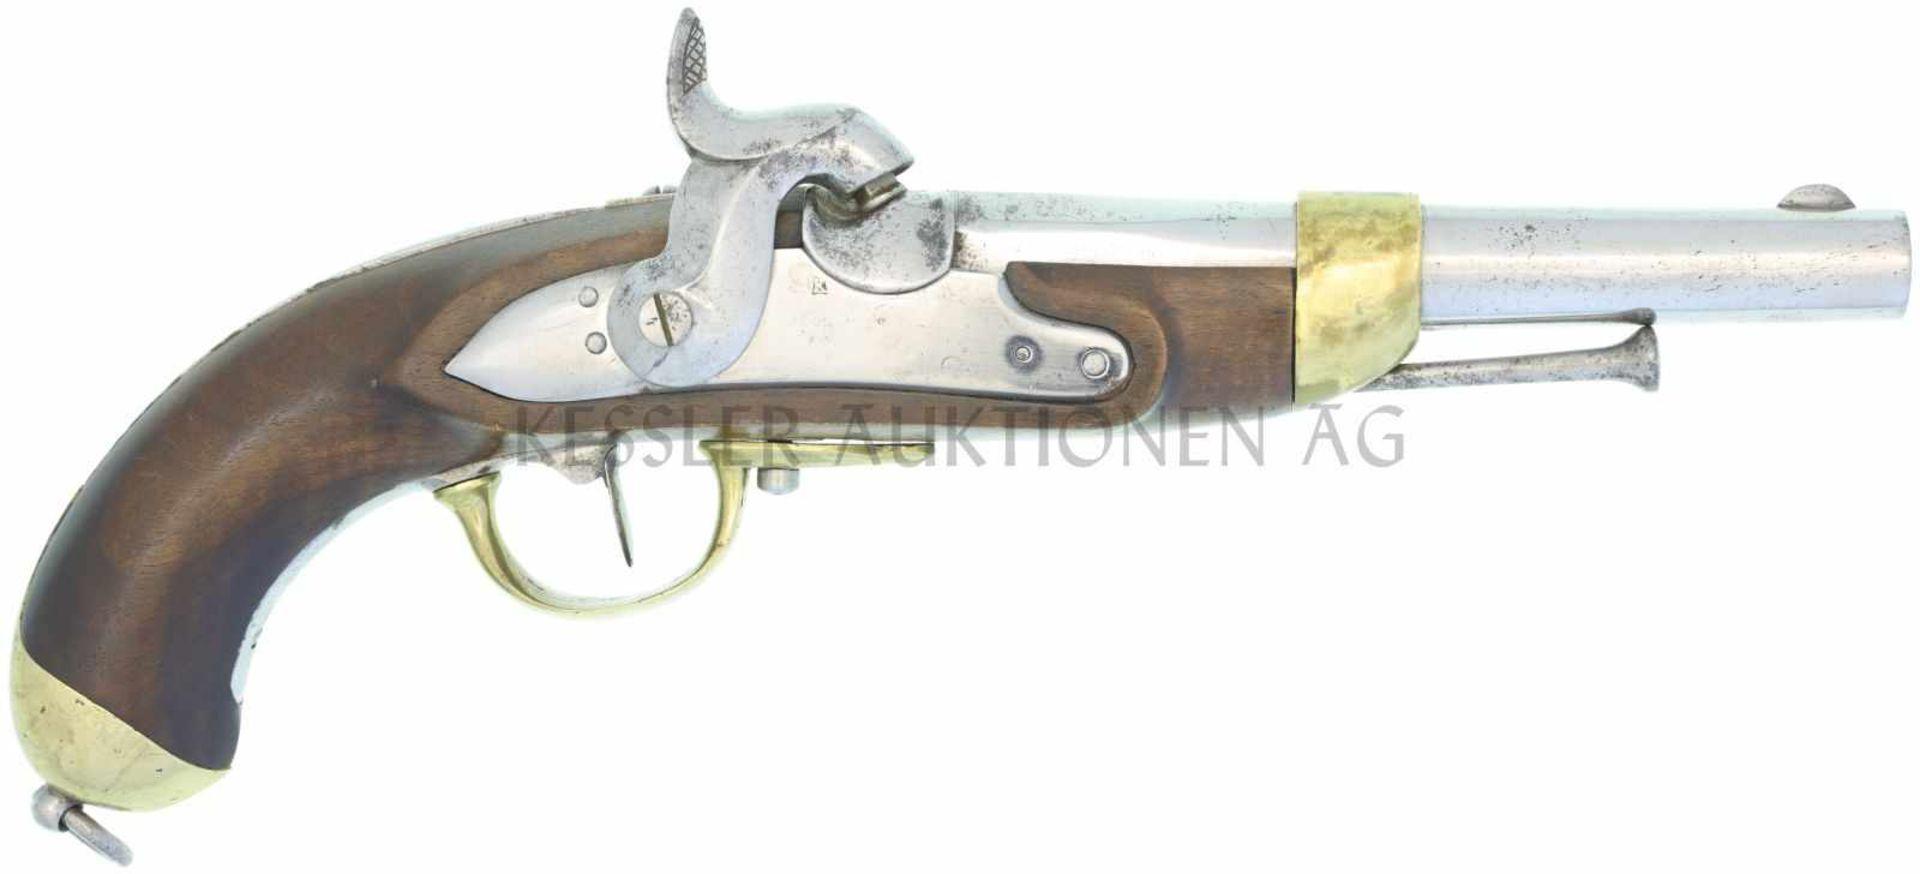 Perkussionspistole, eidg. Ord. 1817/42, Kal. 17.6mm, Hersteller unbekannt, auf der Schlossplatte ist